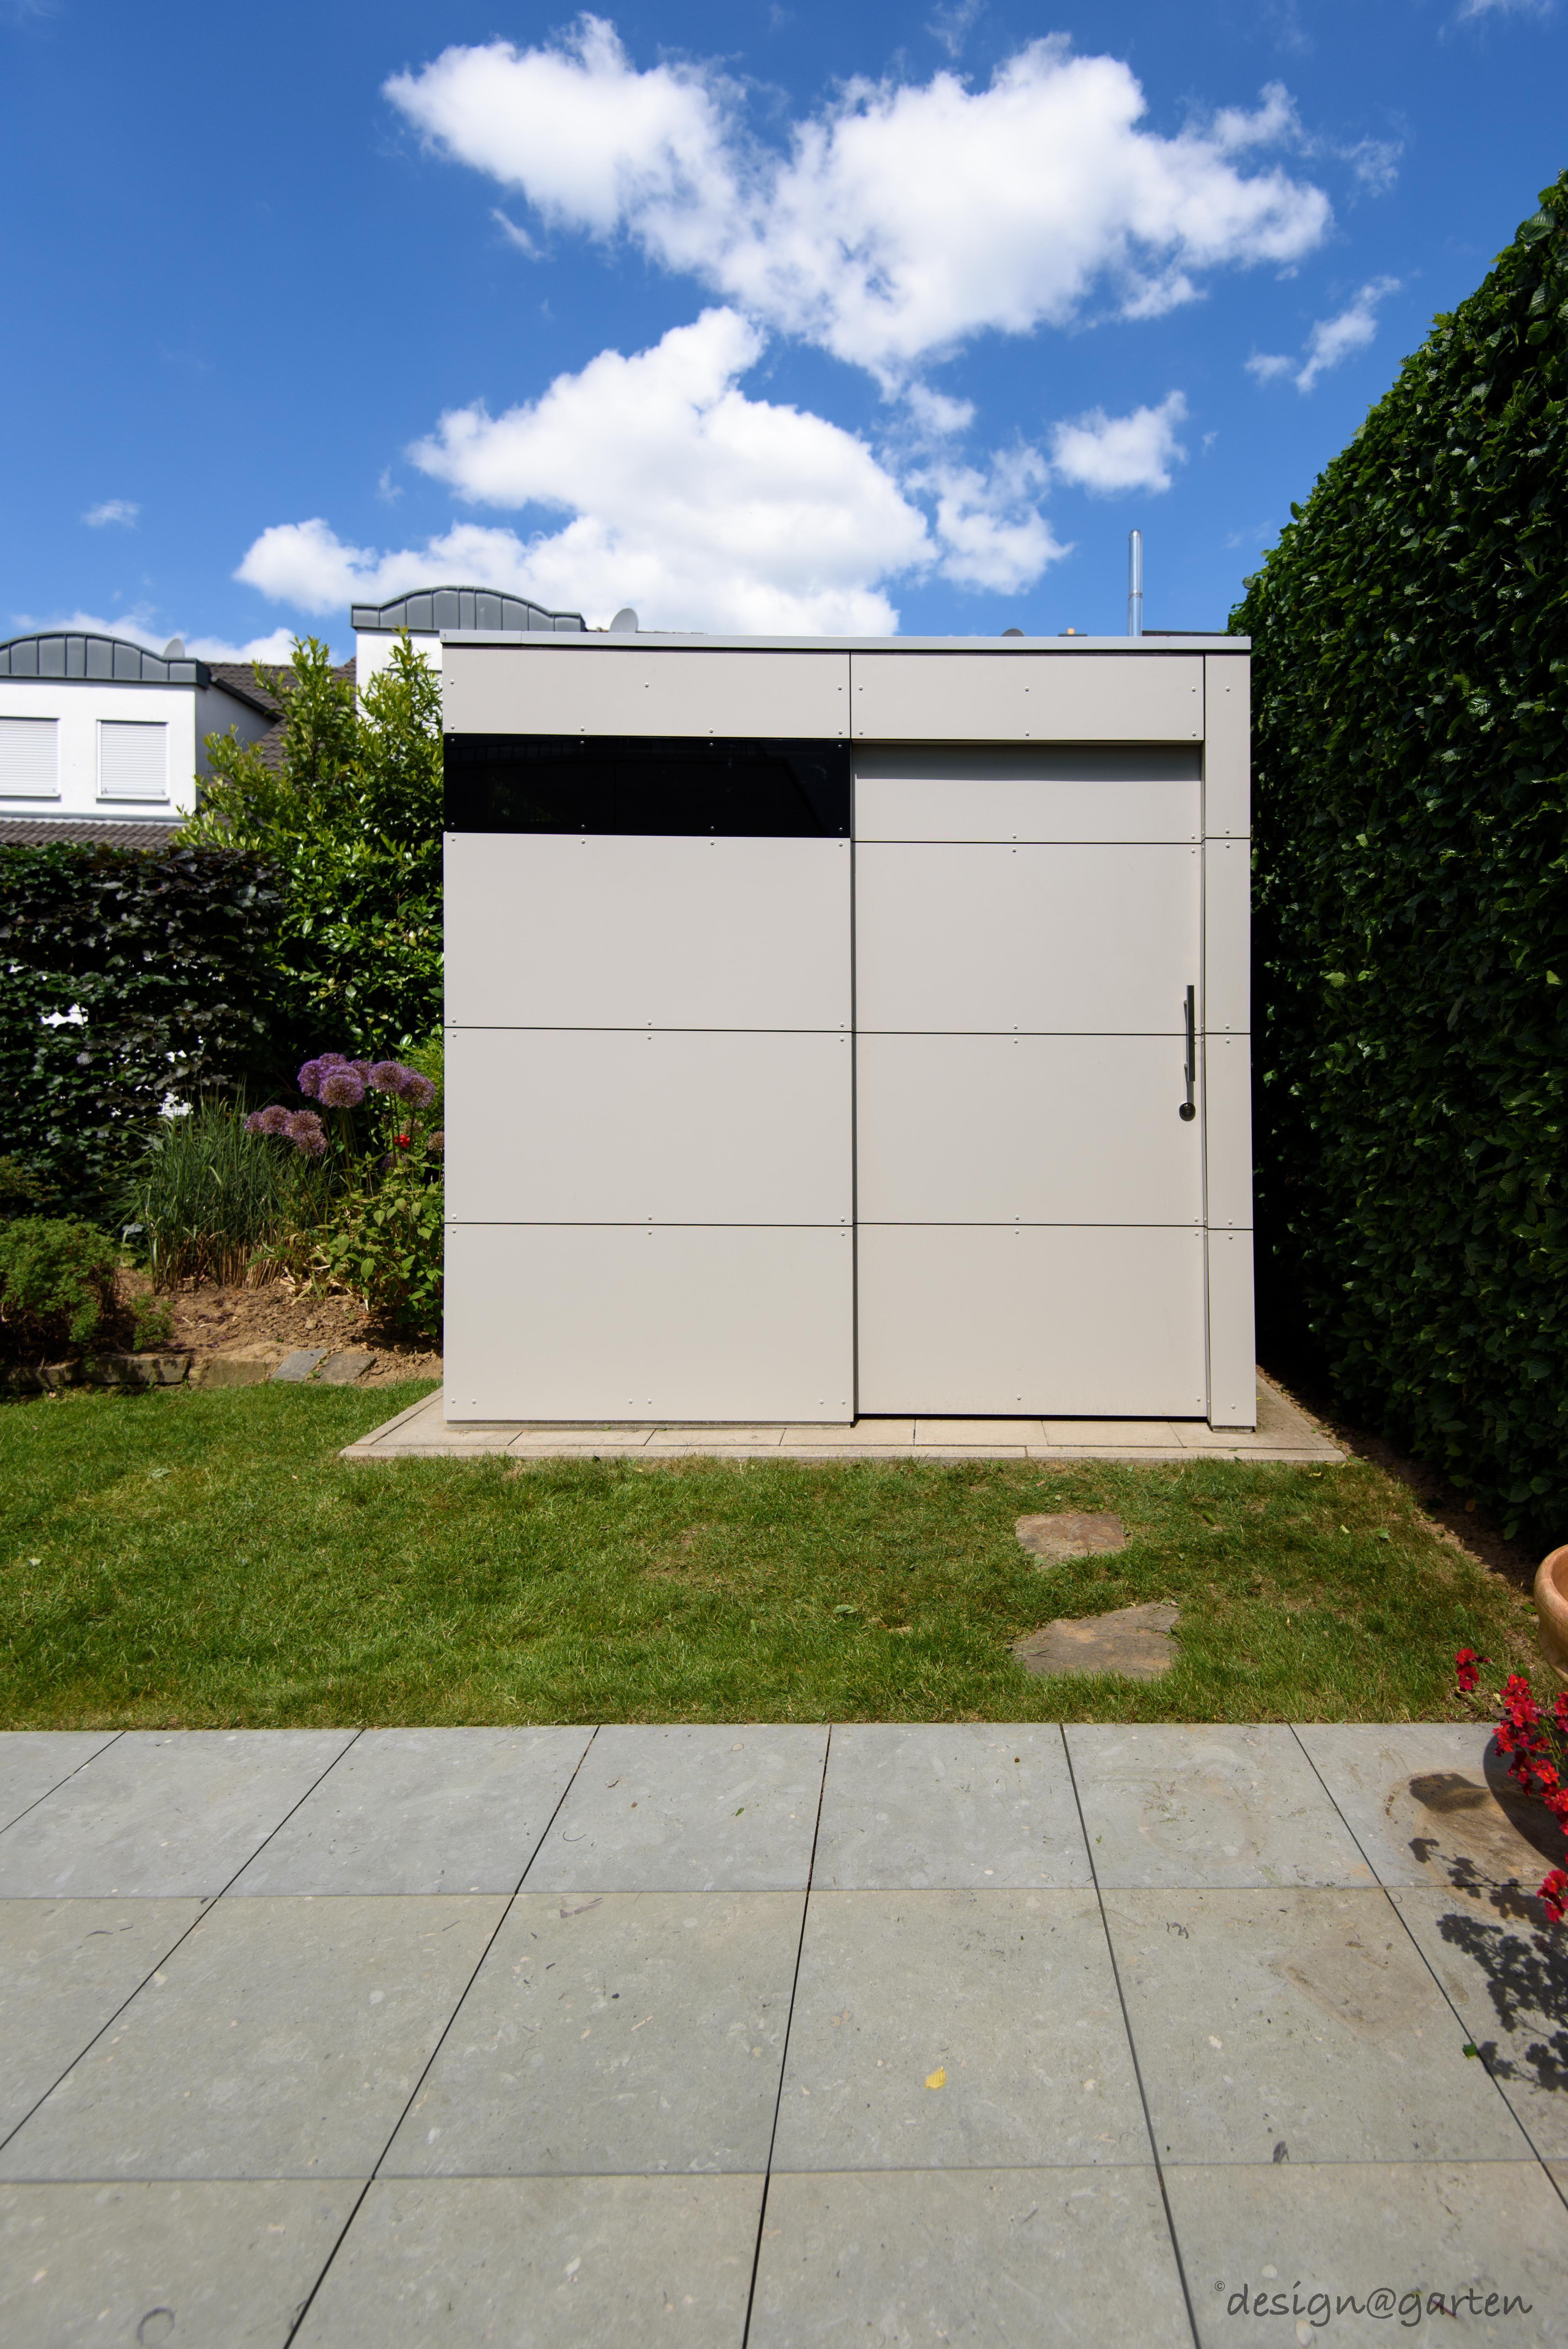 Design Gartenahaus @gart_zwei Mit Schiebetüre   In Hennef, Germany   Modern  Garden Shed @